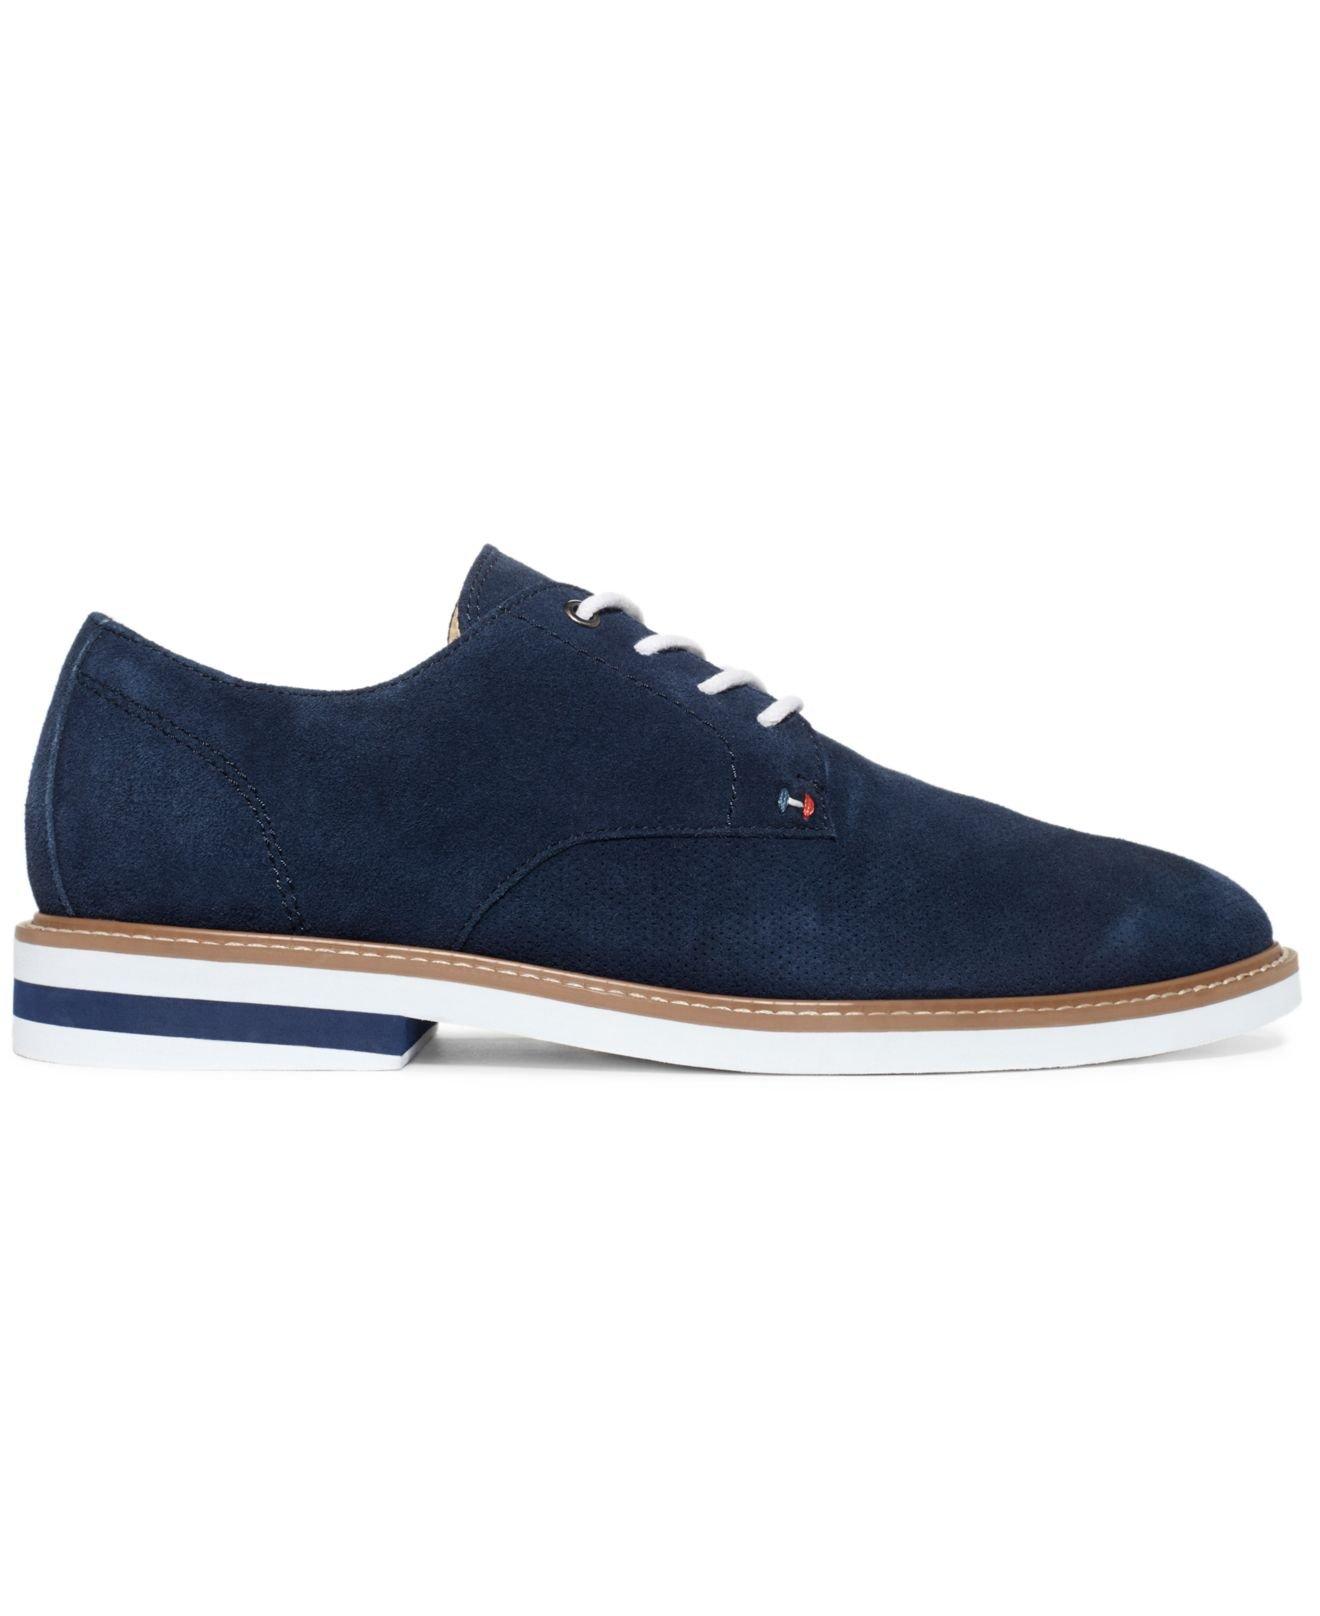 3af616c3374dd8 Lyst - Tommy Hilfiger Seaside Oxfords in Blue for Men